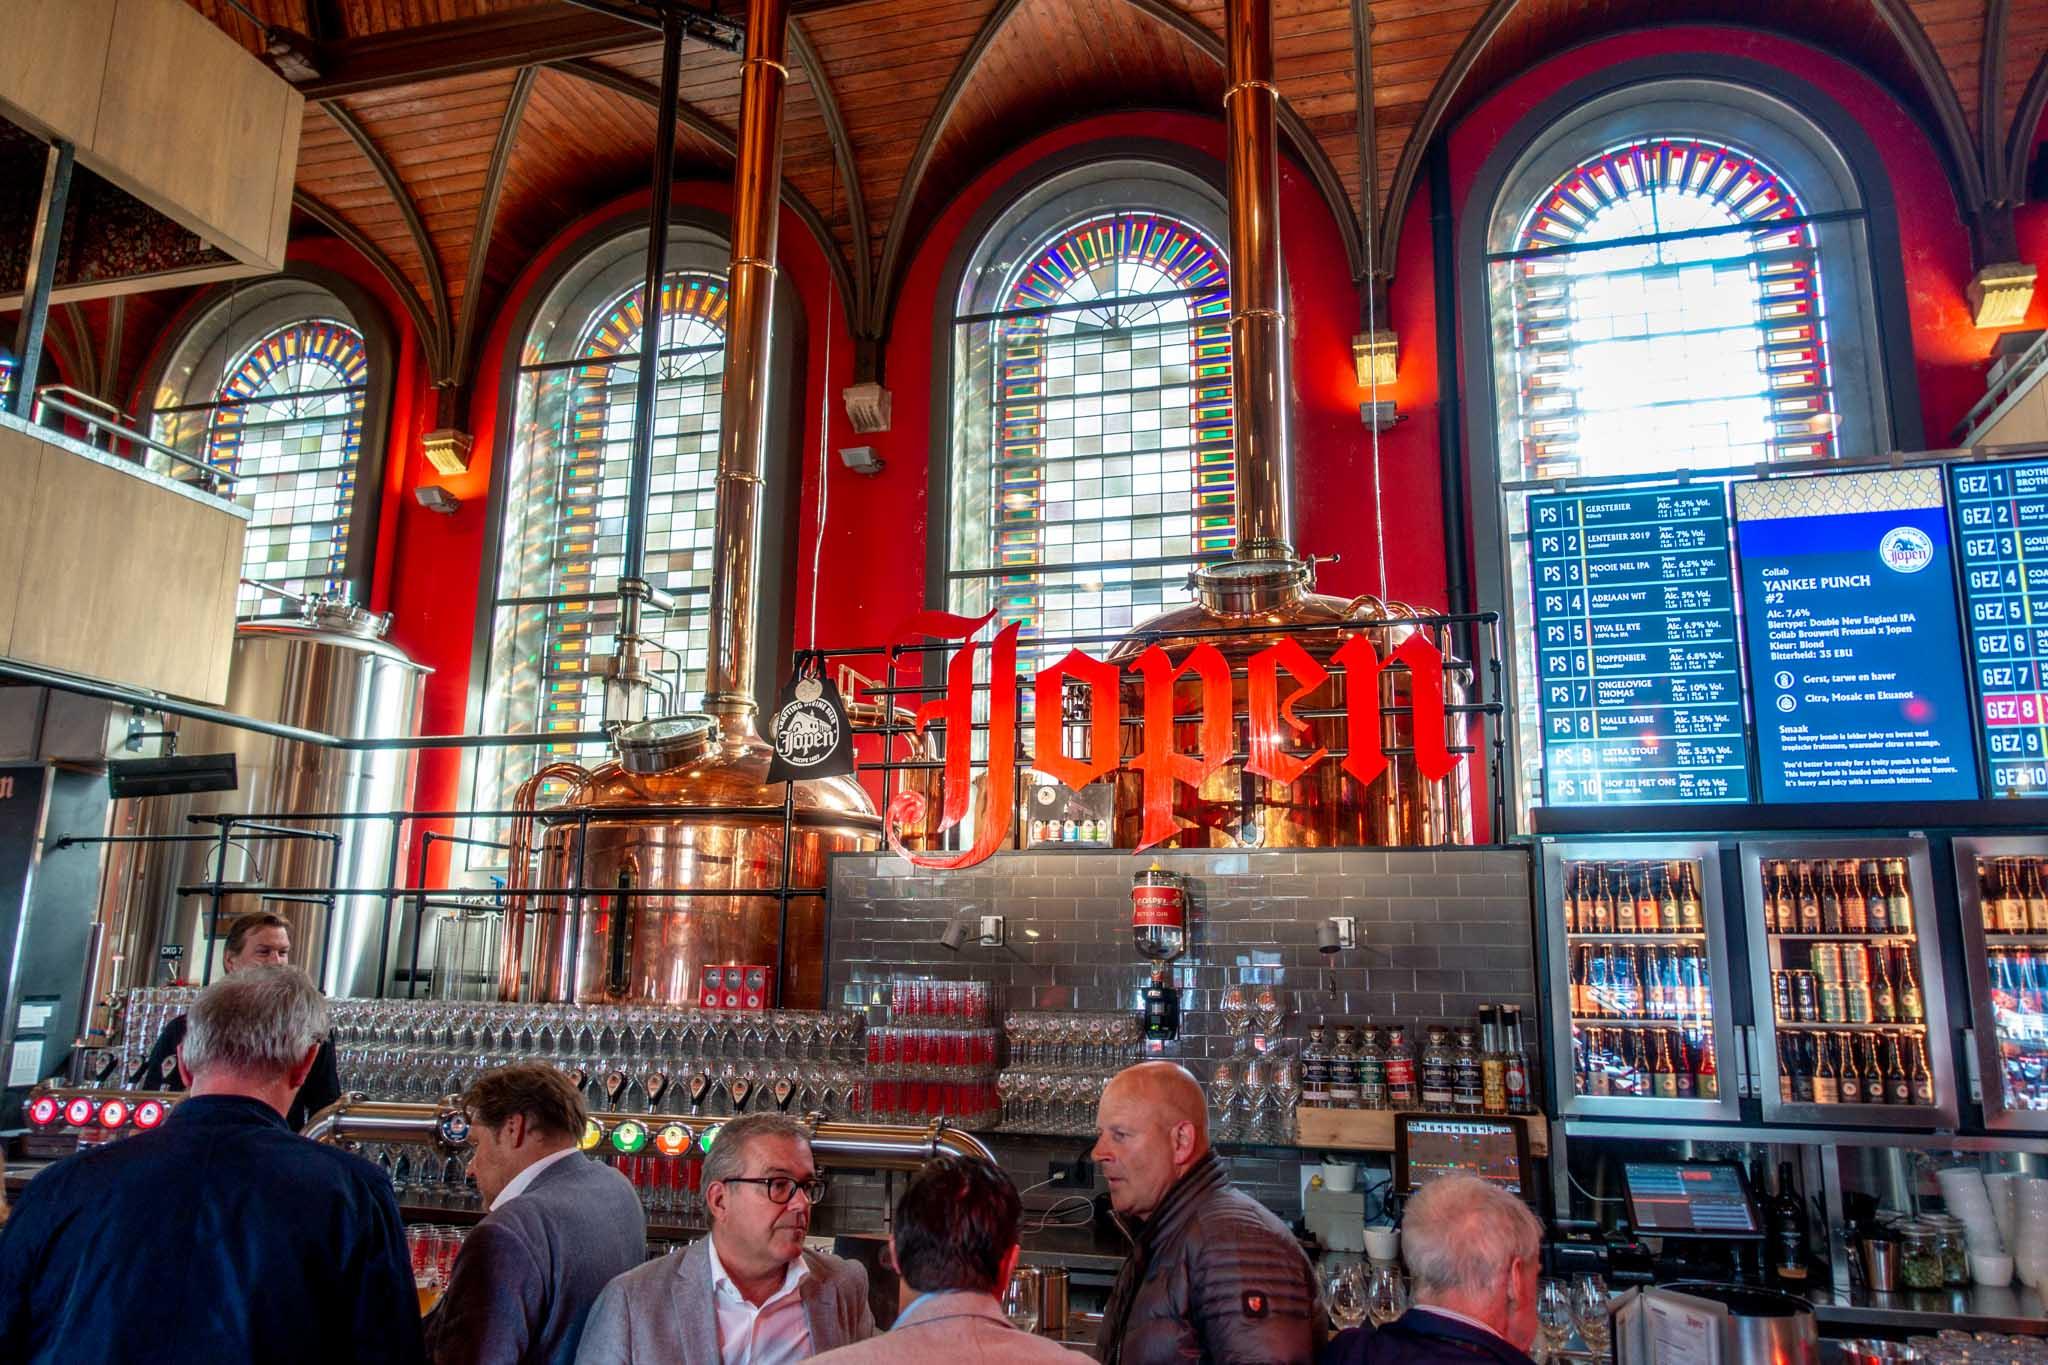 Bar inside De Jopenkerk, a former church transformed into a brewery